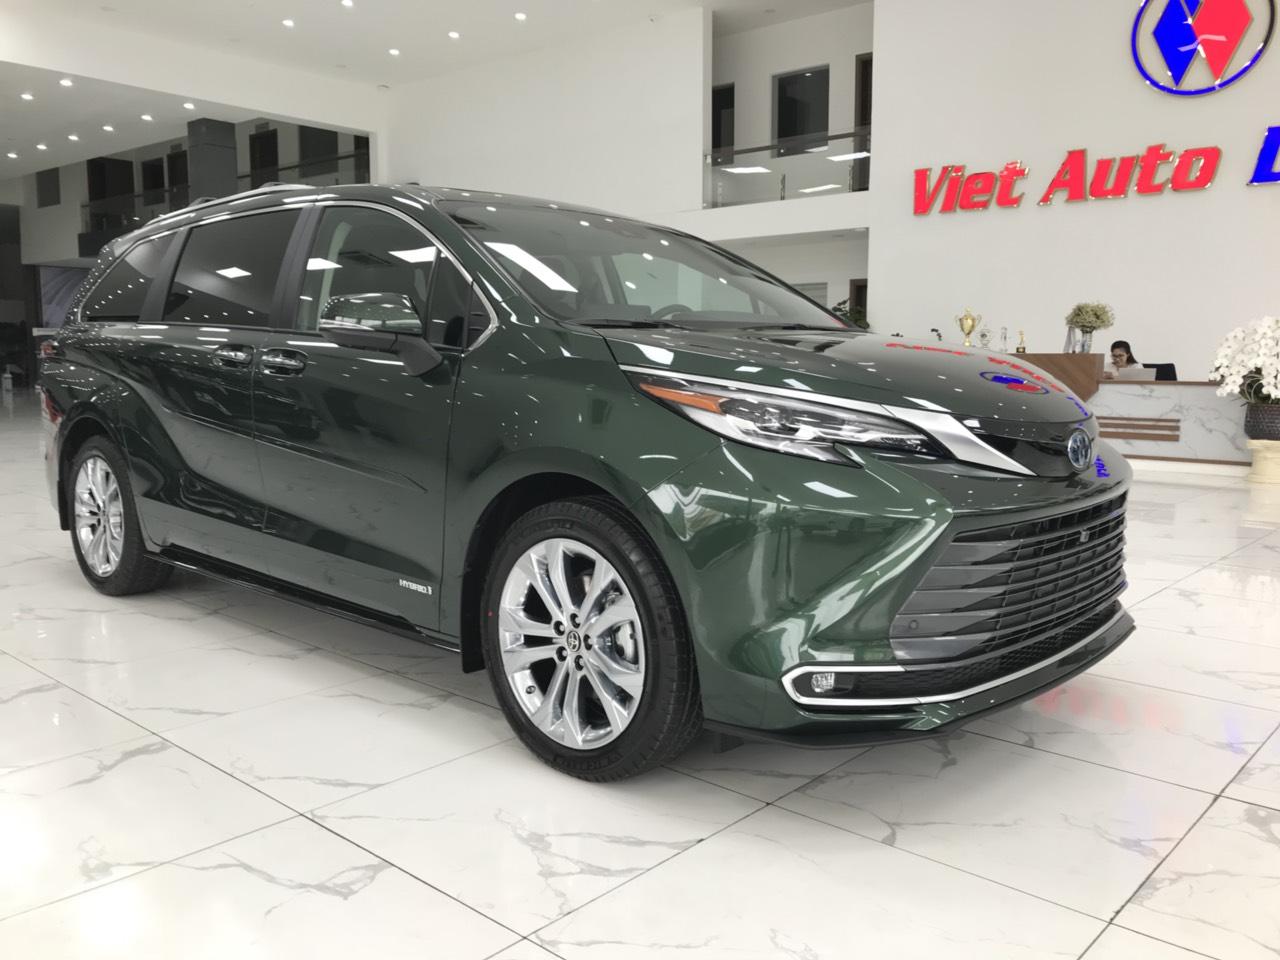 Bán Toyota Sienna Platinum xanh bộ độ sản xuất 2021 nhập, mới 100%, xe được sản xuất tại Mỹ